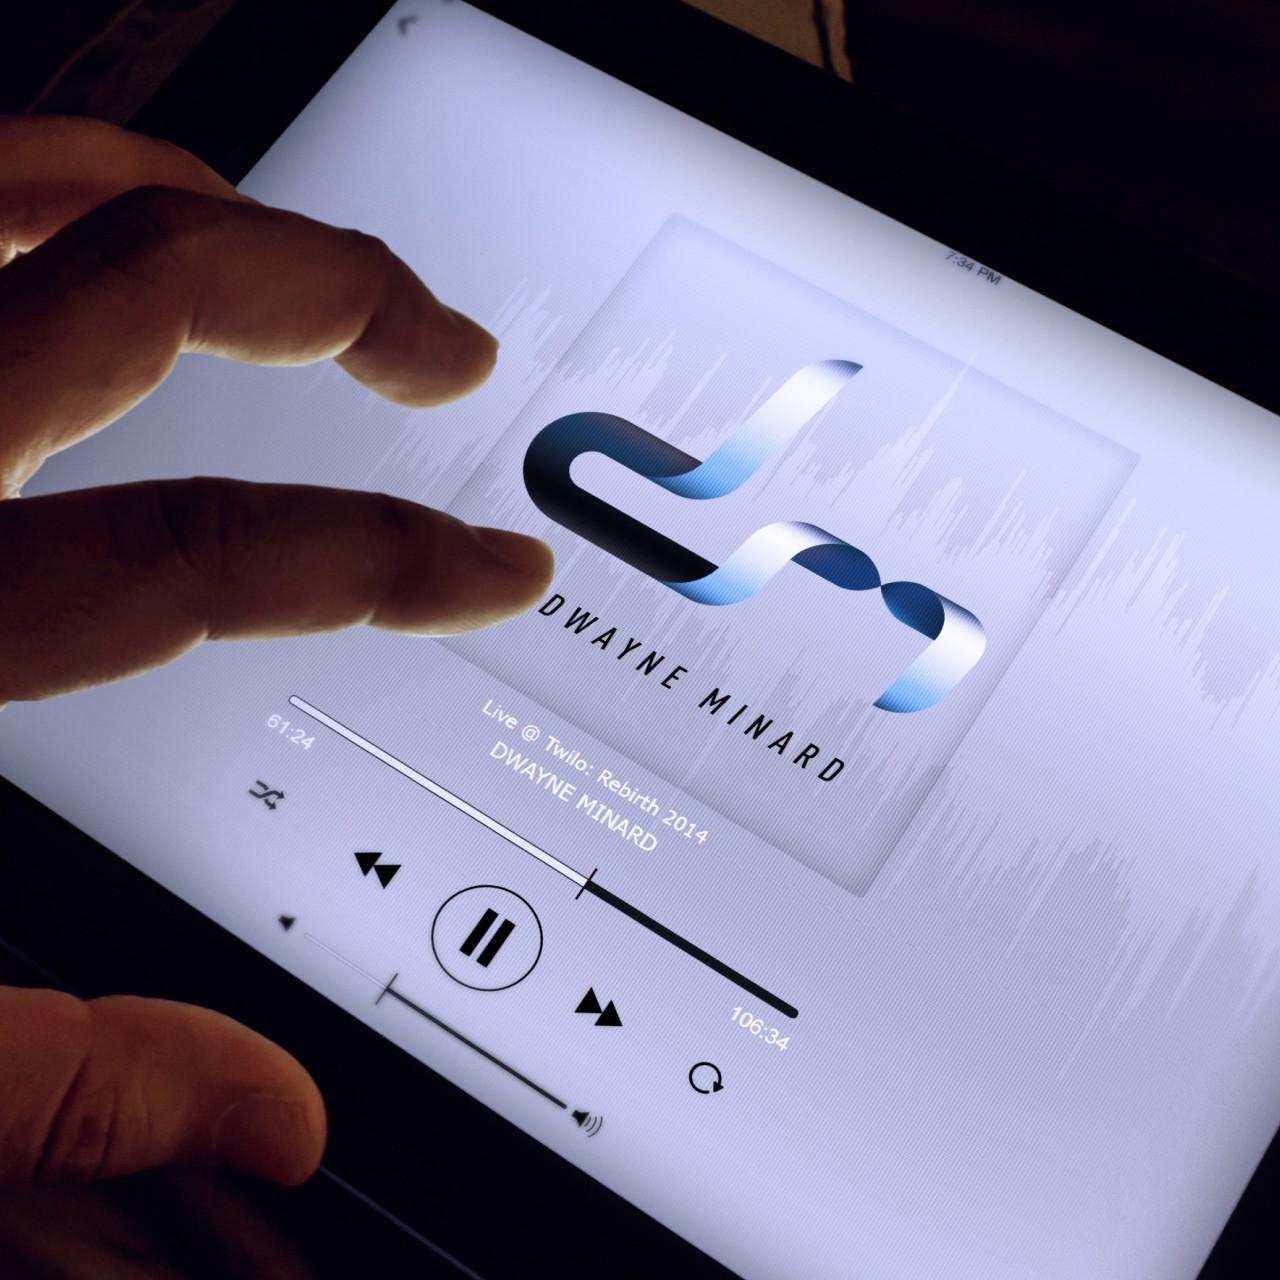 Image of Dwayne Minard logo application